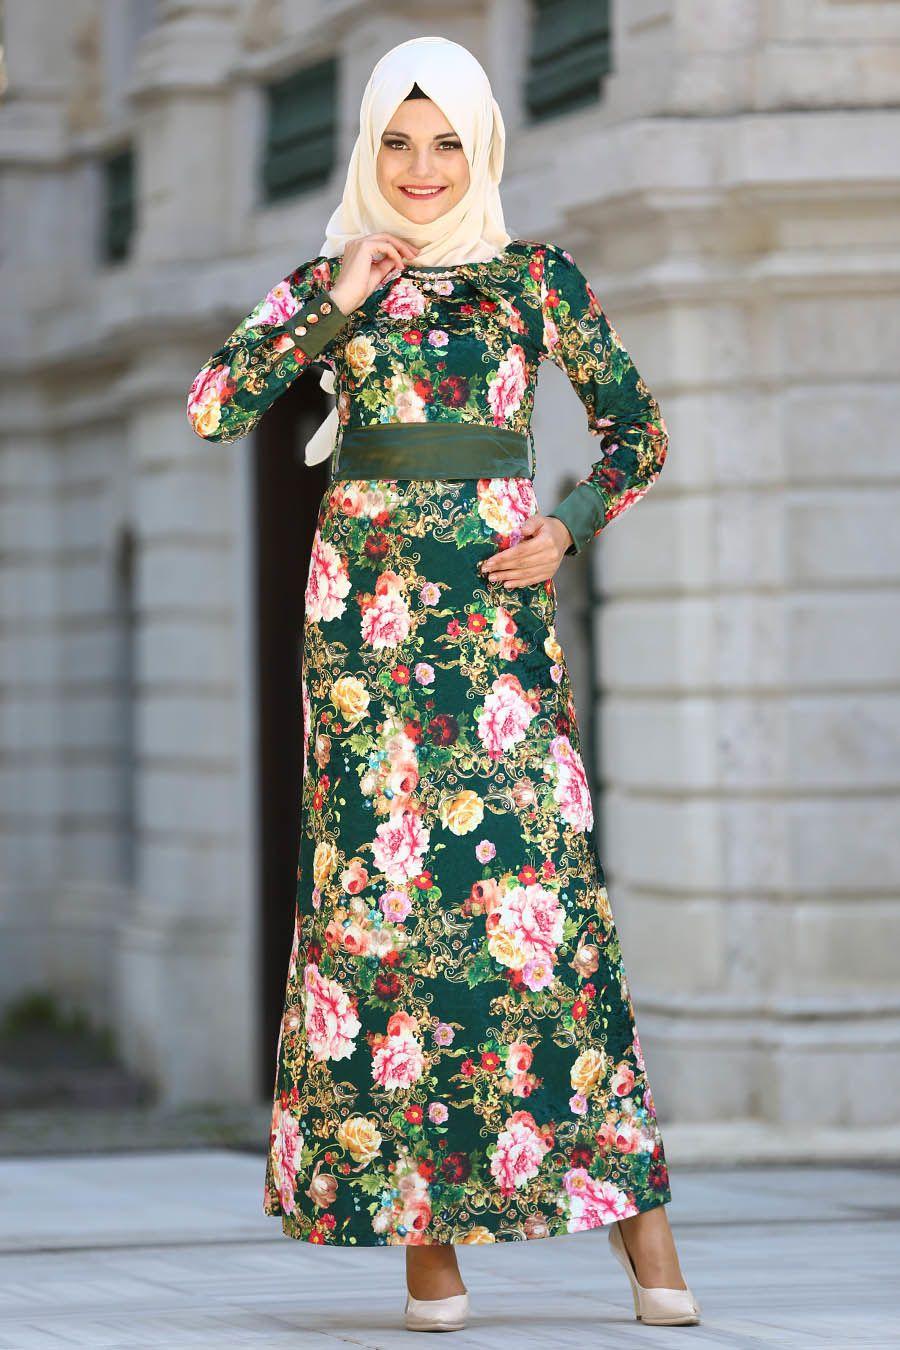 c7de90ac0eea7 Neva Style - Çiçek Desenli Yeşil Kadife Tesettür Elbise 20880Y ...